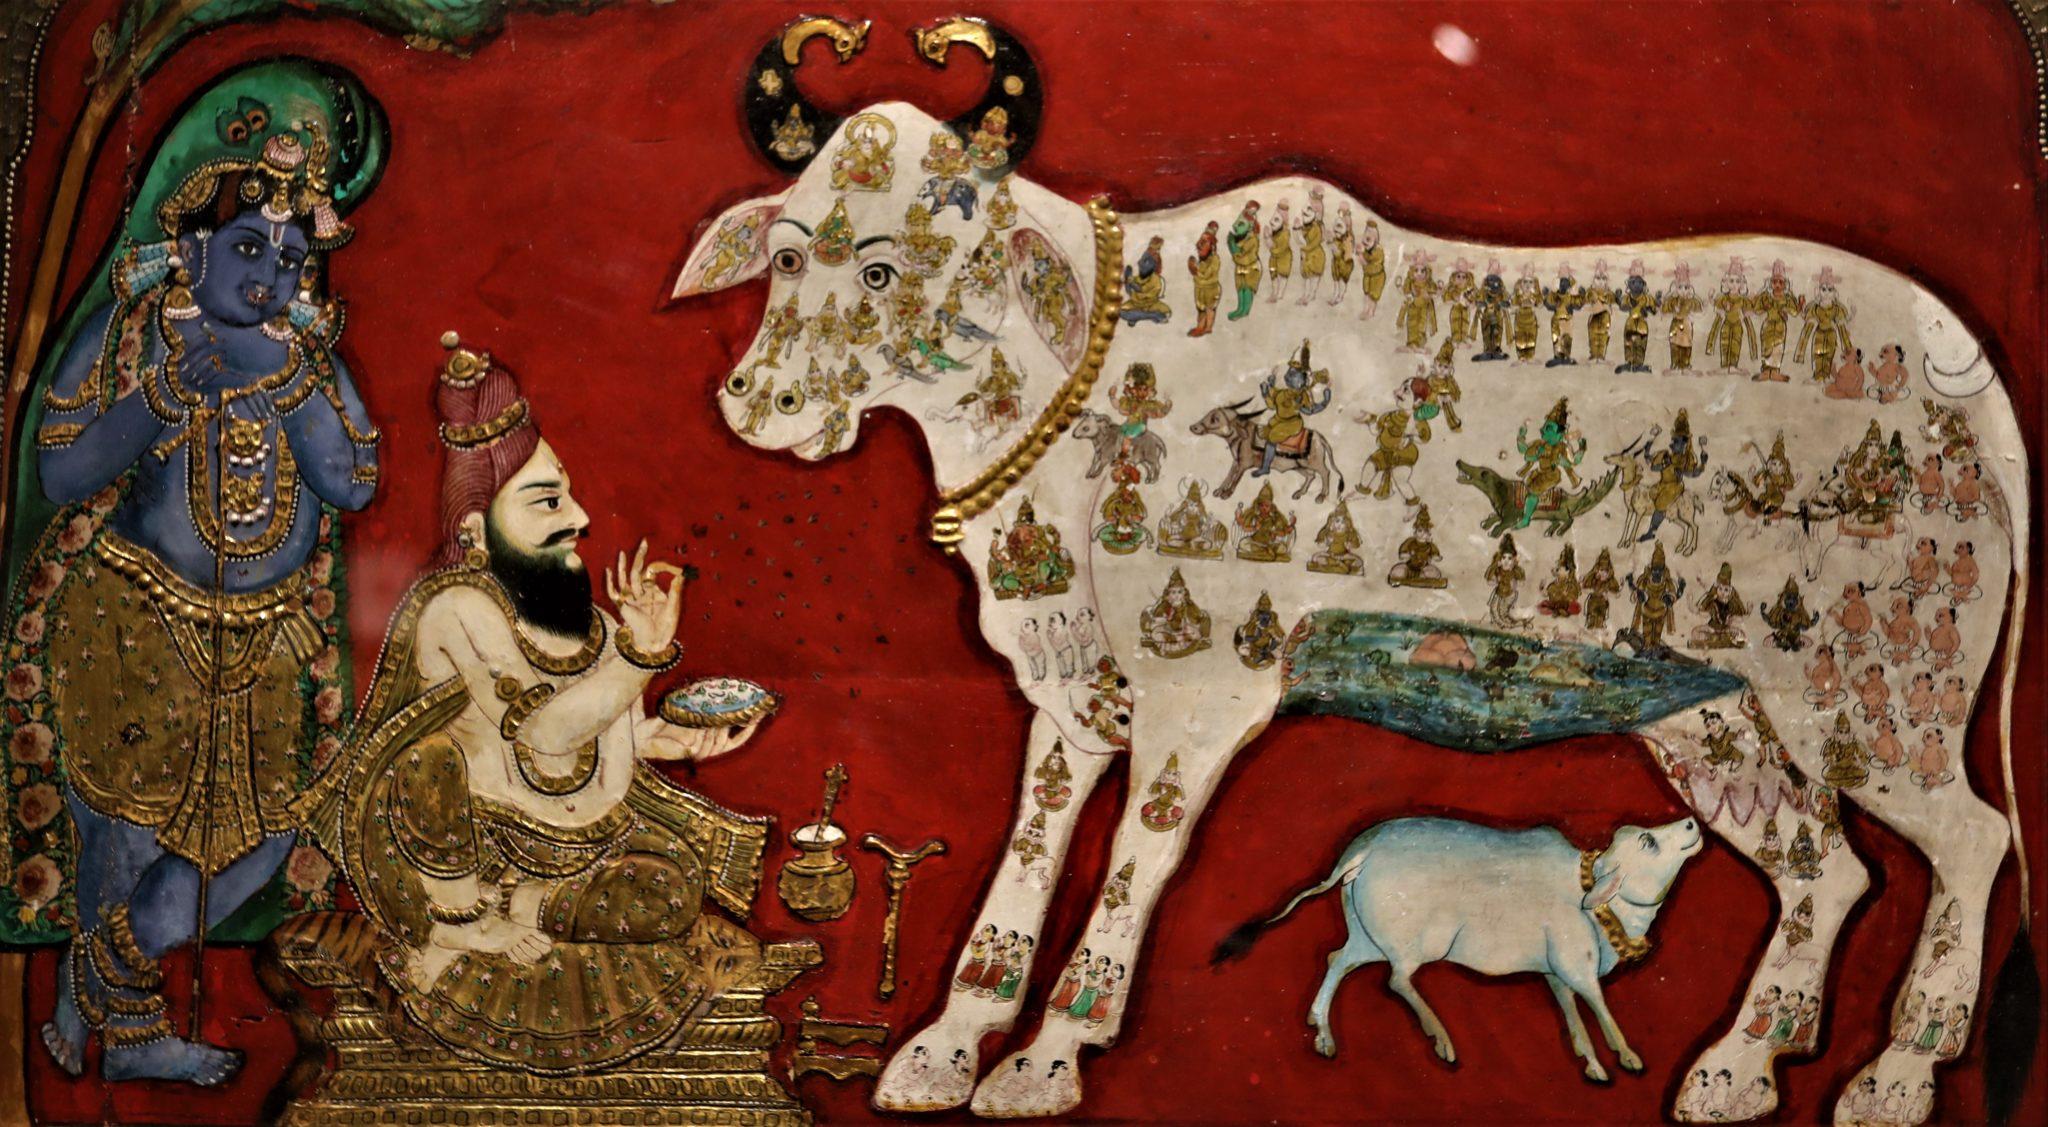 nandi vache sacrée